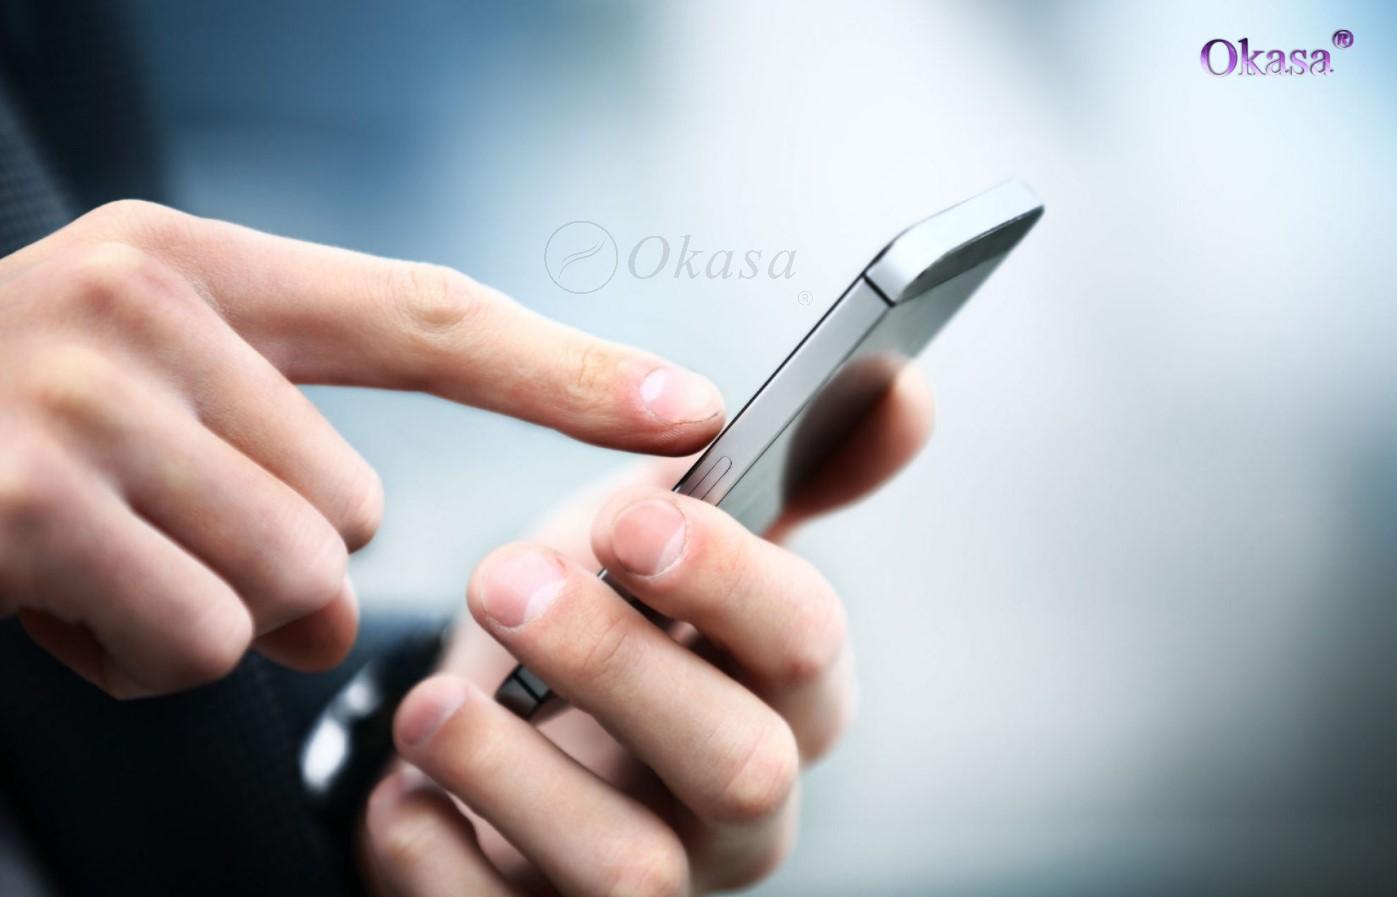 Sử dụng smartphone nhiều bị cơ xương khớp?